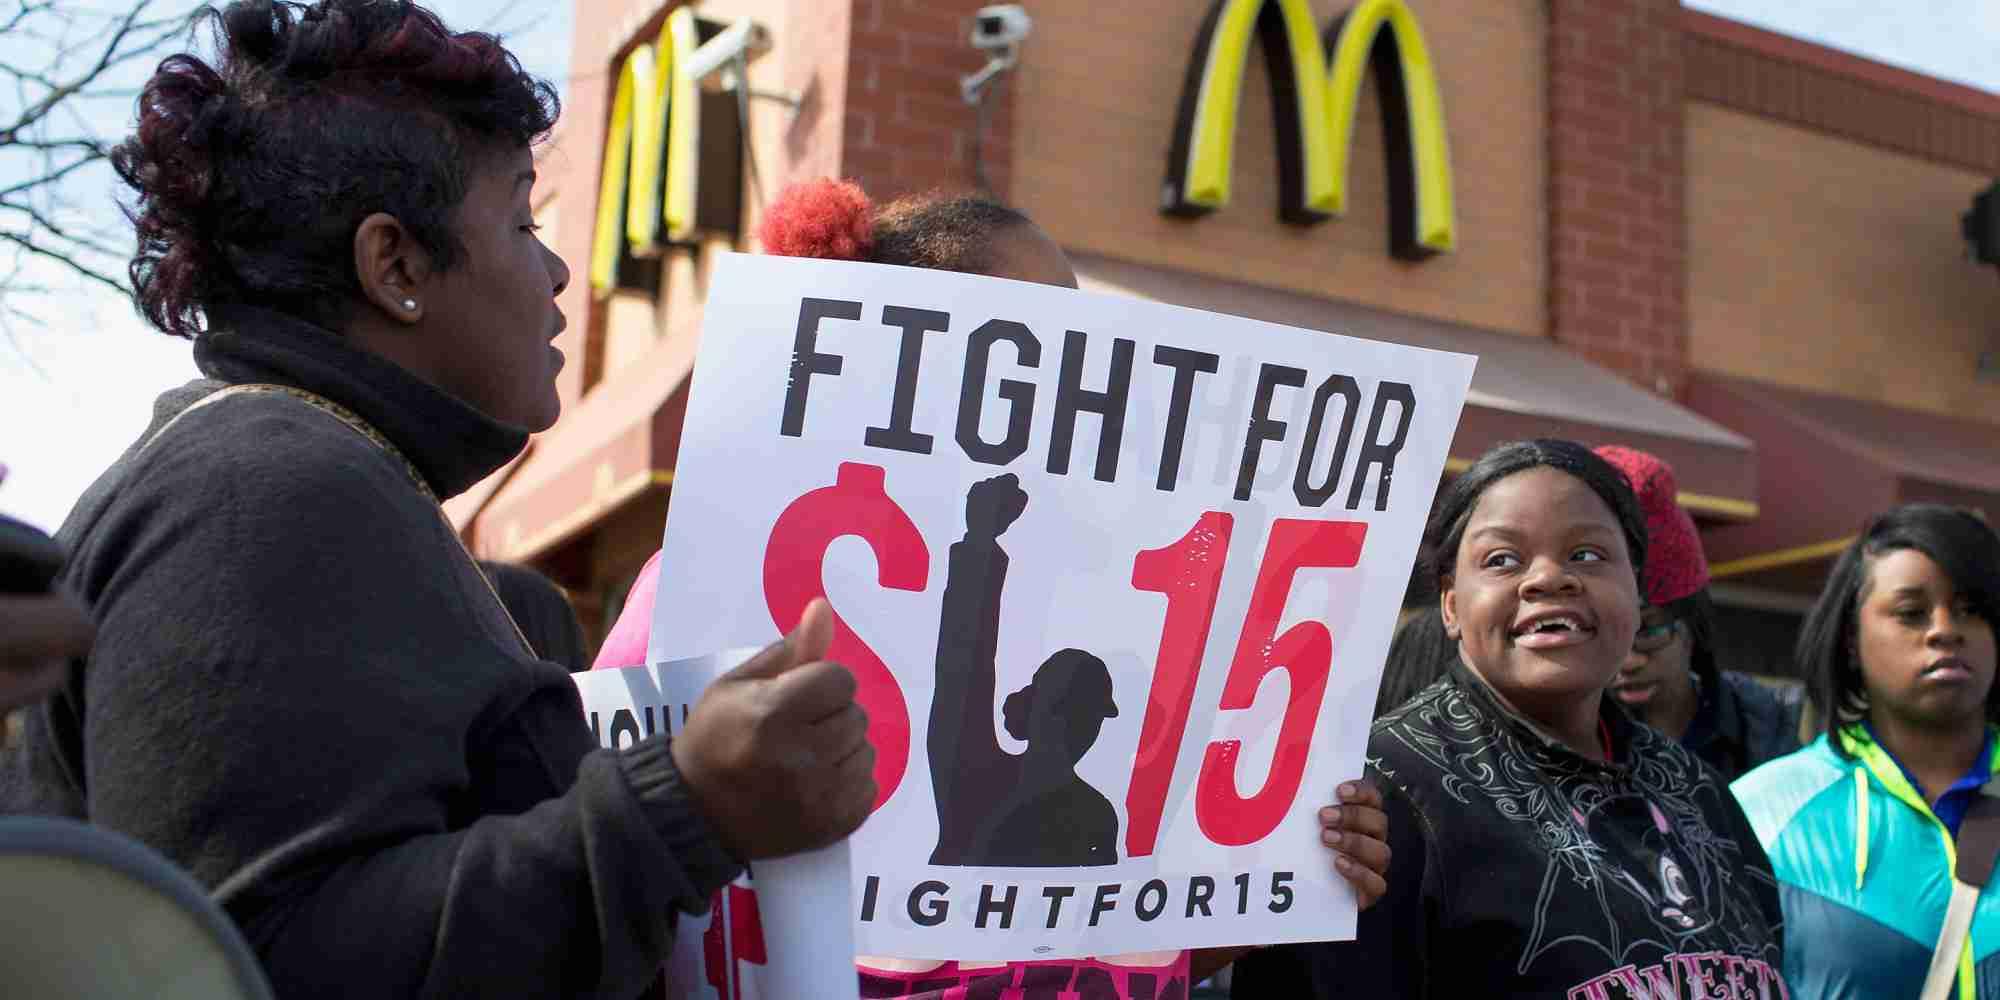 最低賃金上げる ―> アメリカ企業「利益でないし、ロボットに替えます」